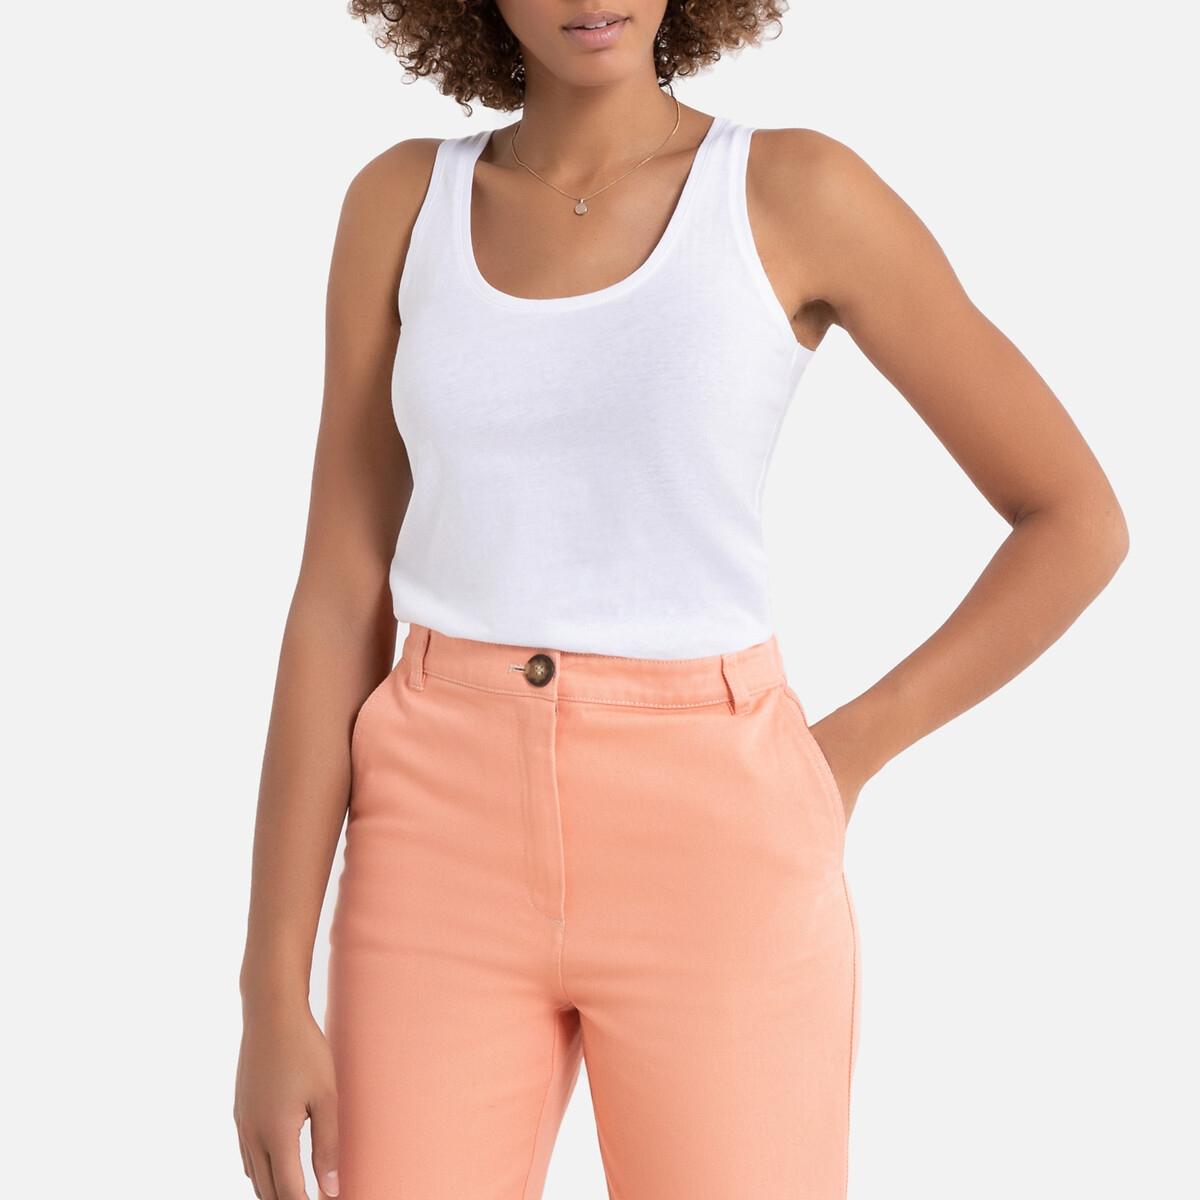 Lote de 2 camisetas sin mangas, de algodón orgánico